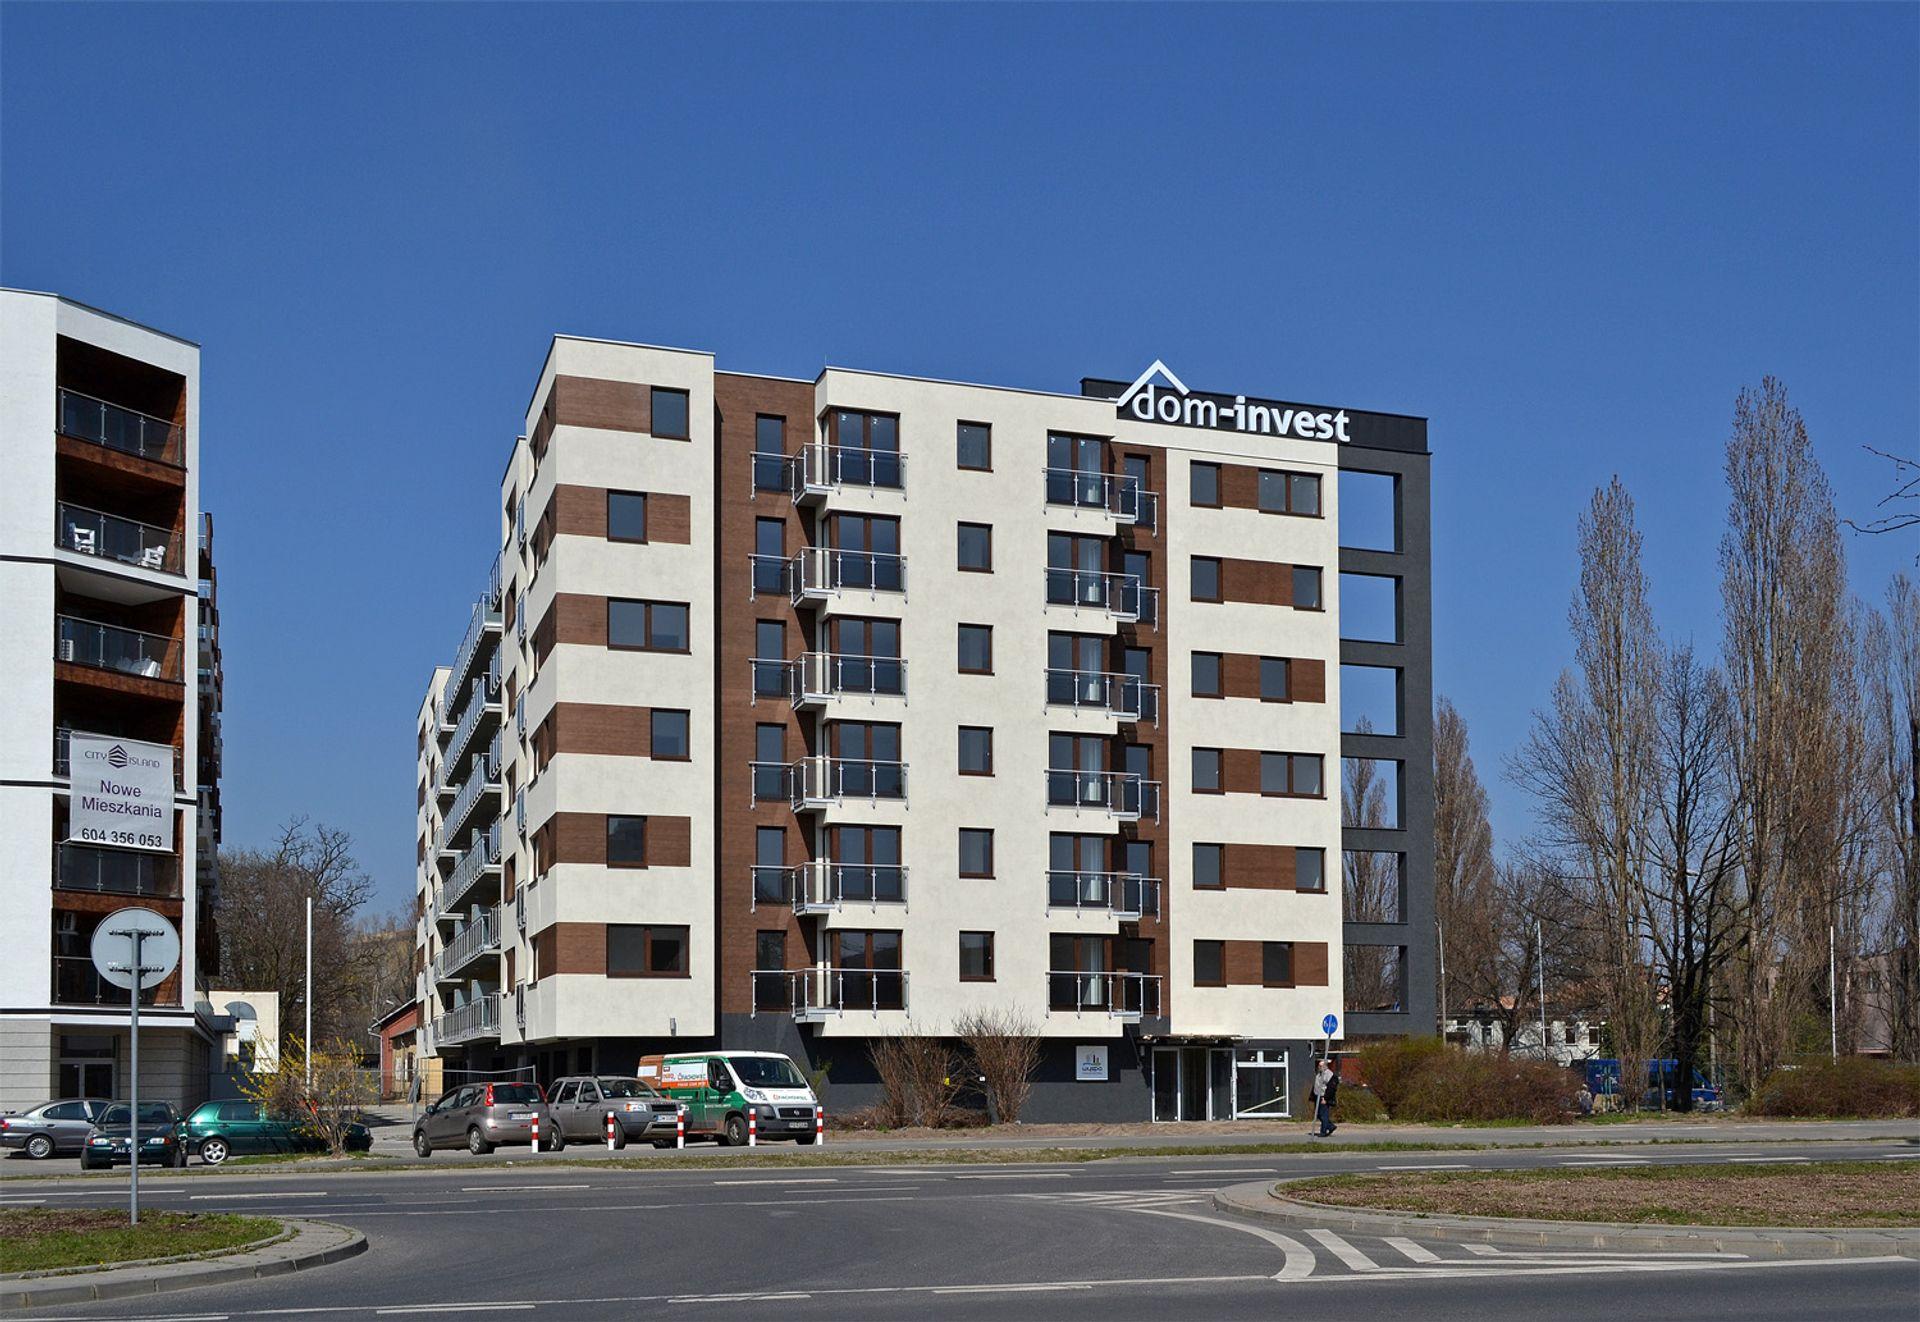 [Wrocław] Kępa Mieszczańska – tu wojsko buduje mieszkania i sprzedaje tereny pod kolejne inwestycje